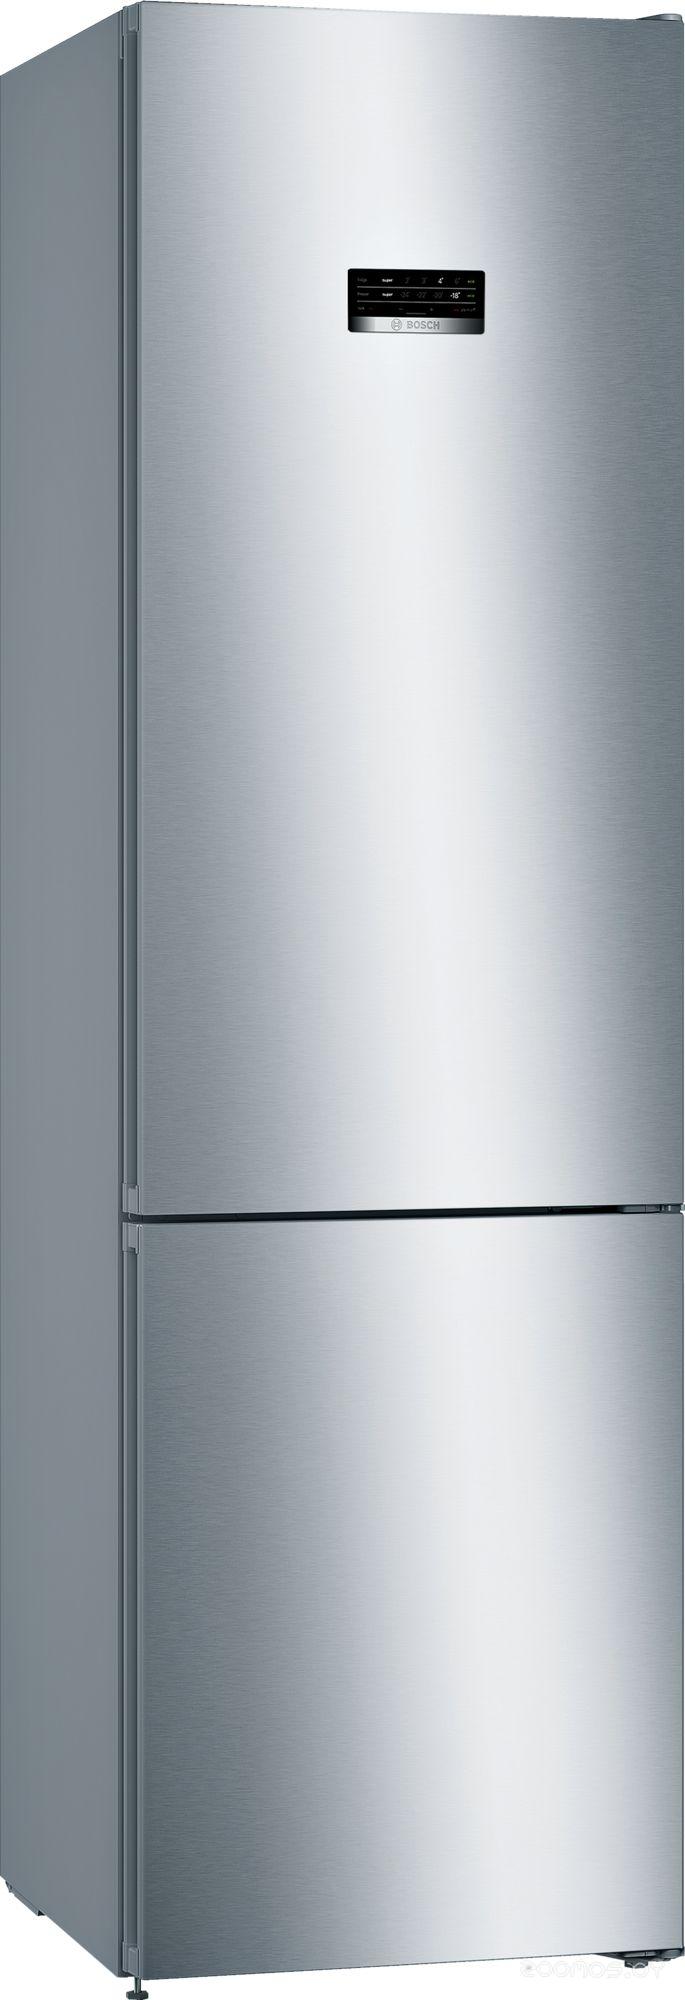 Холодильник с нижней морозильной камерой Bosch KGN39VI2AR